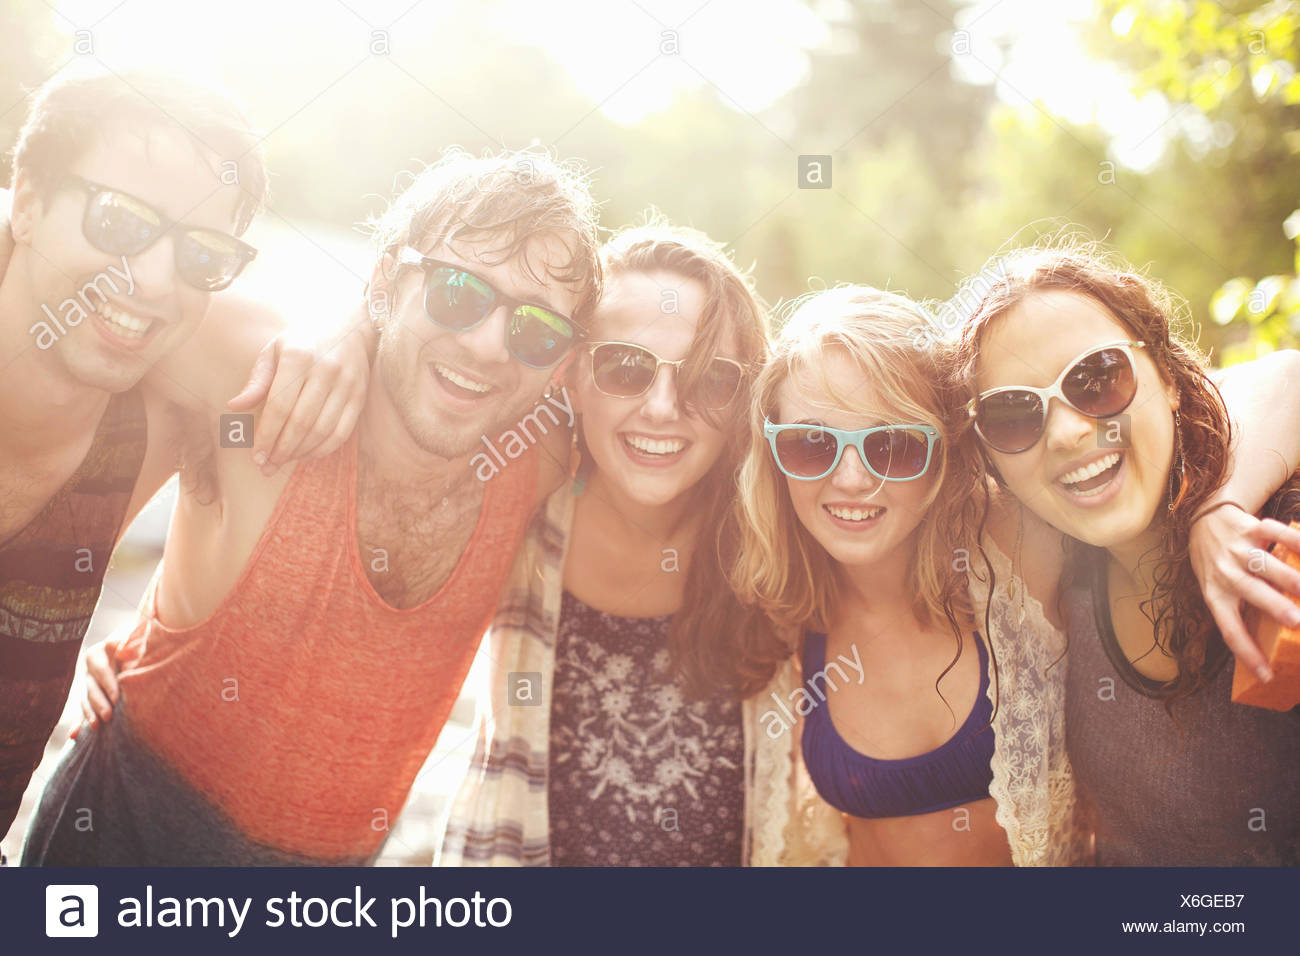 Cinco amigos con los brazos alrededor de cada una de las otras, Retrato Imagen De Stock